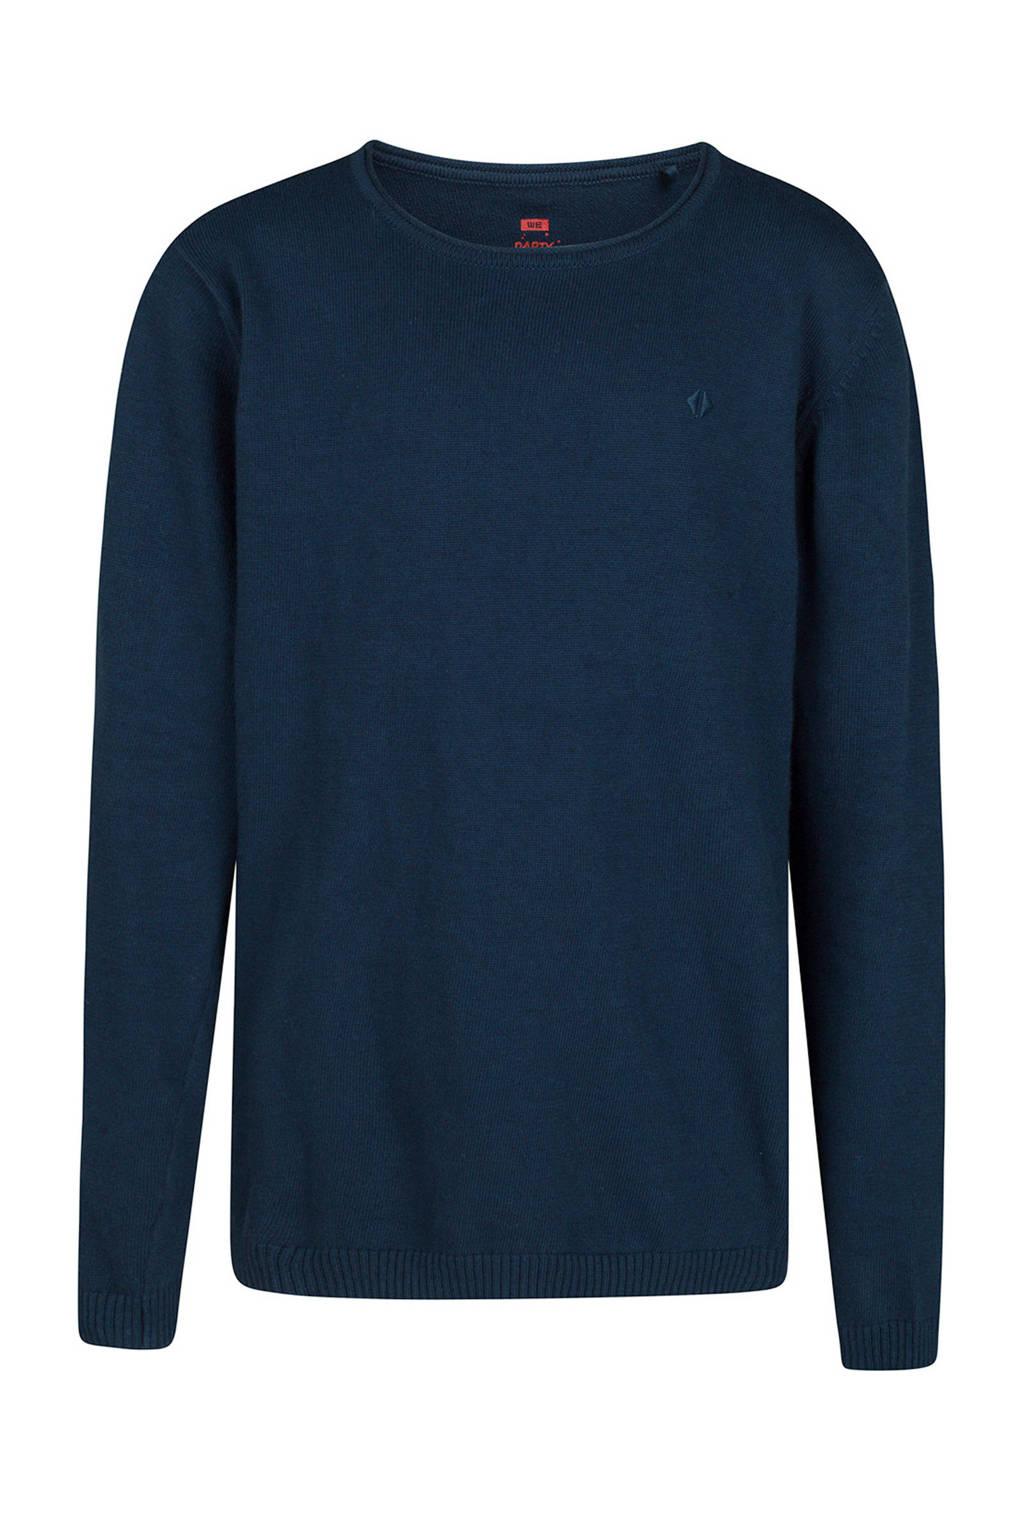 WE Fashion trui donkerblauw, Donkerblauw